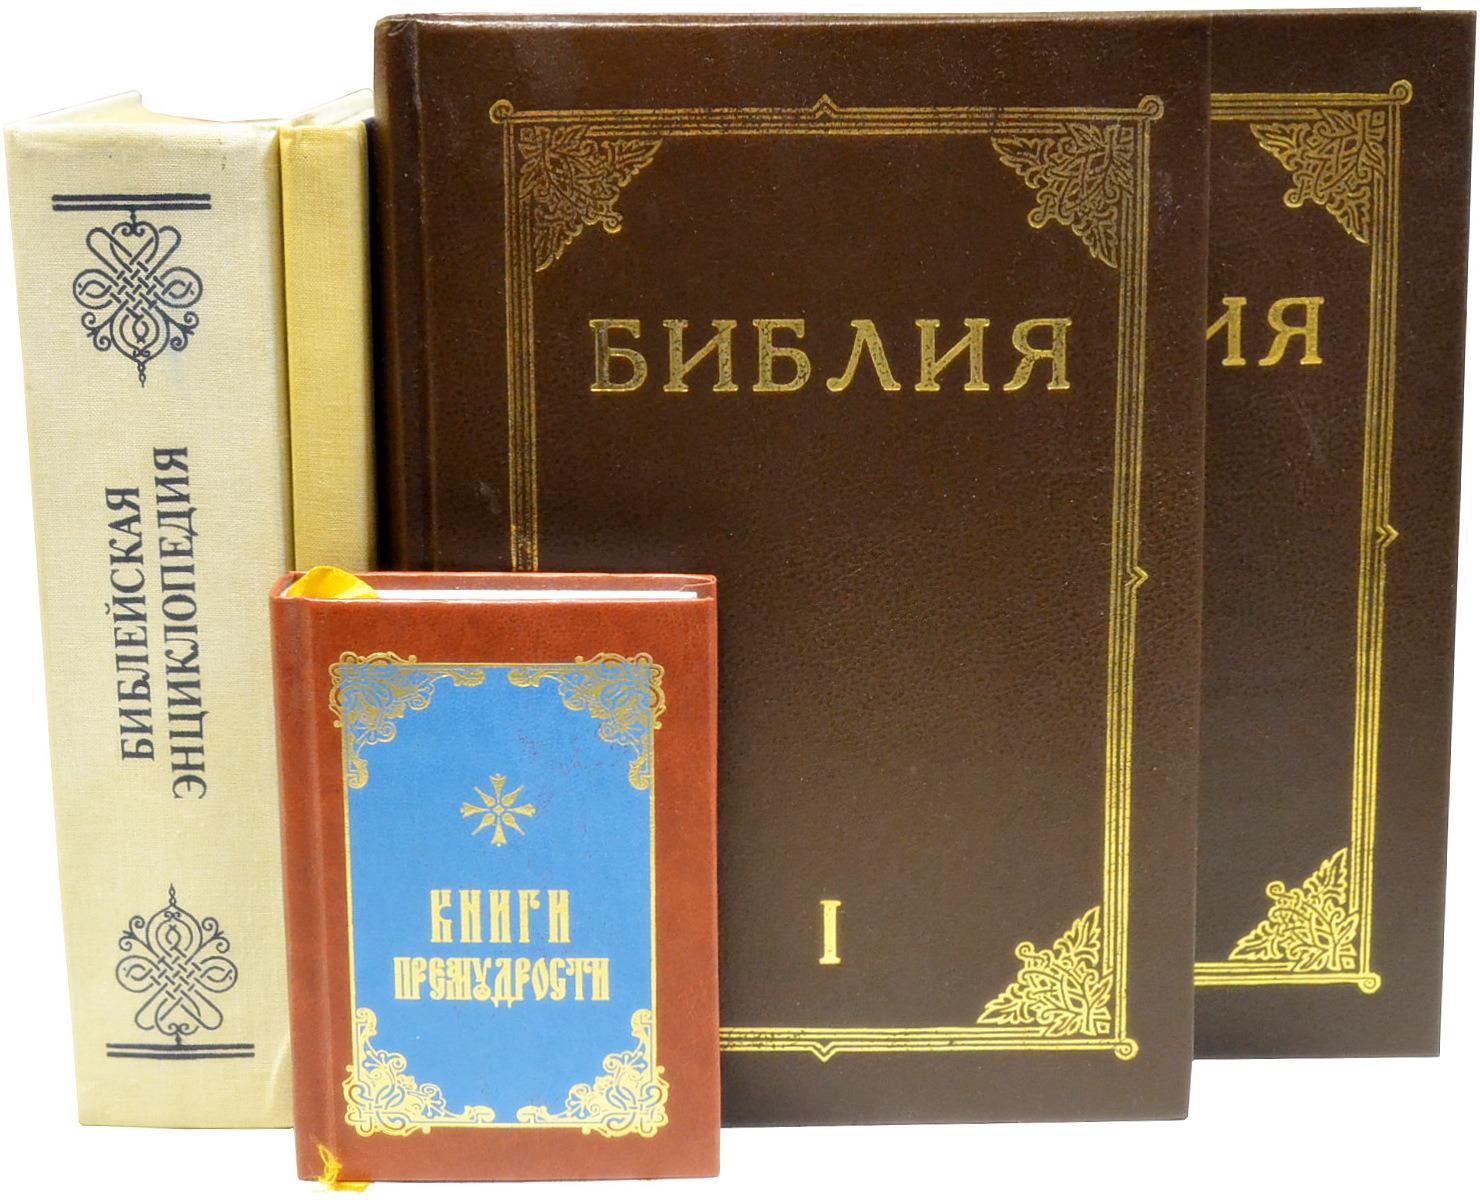 Серия Православная библиотека (комплект из 5 книг) серия библиотека русского фольклора комплект из 7 книг